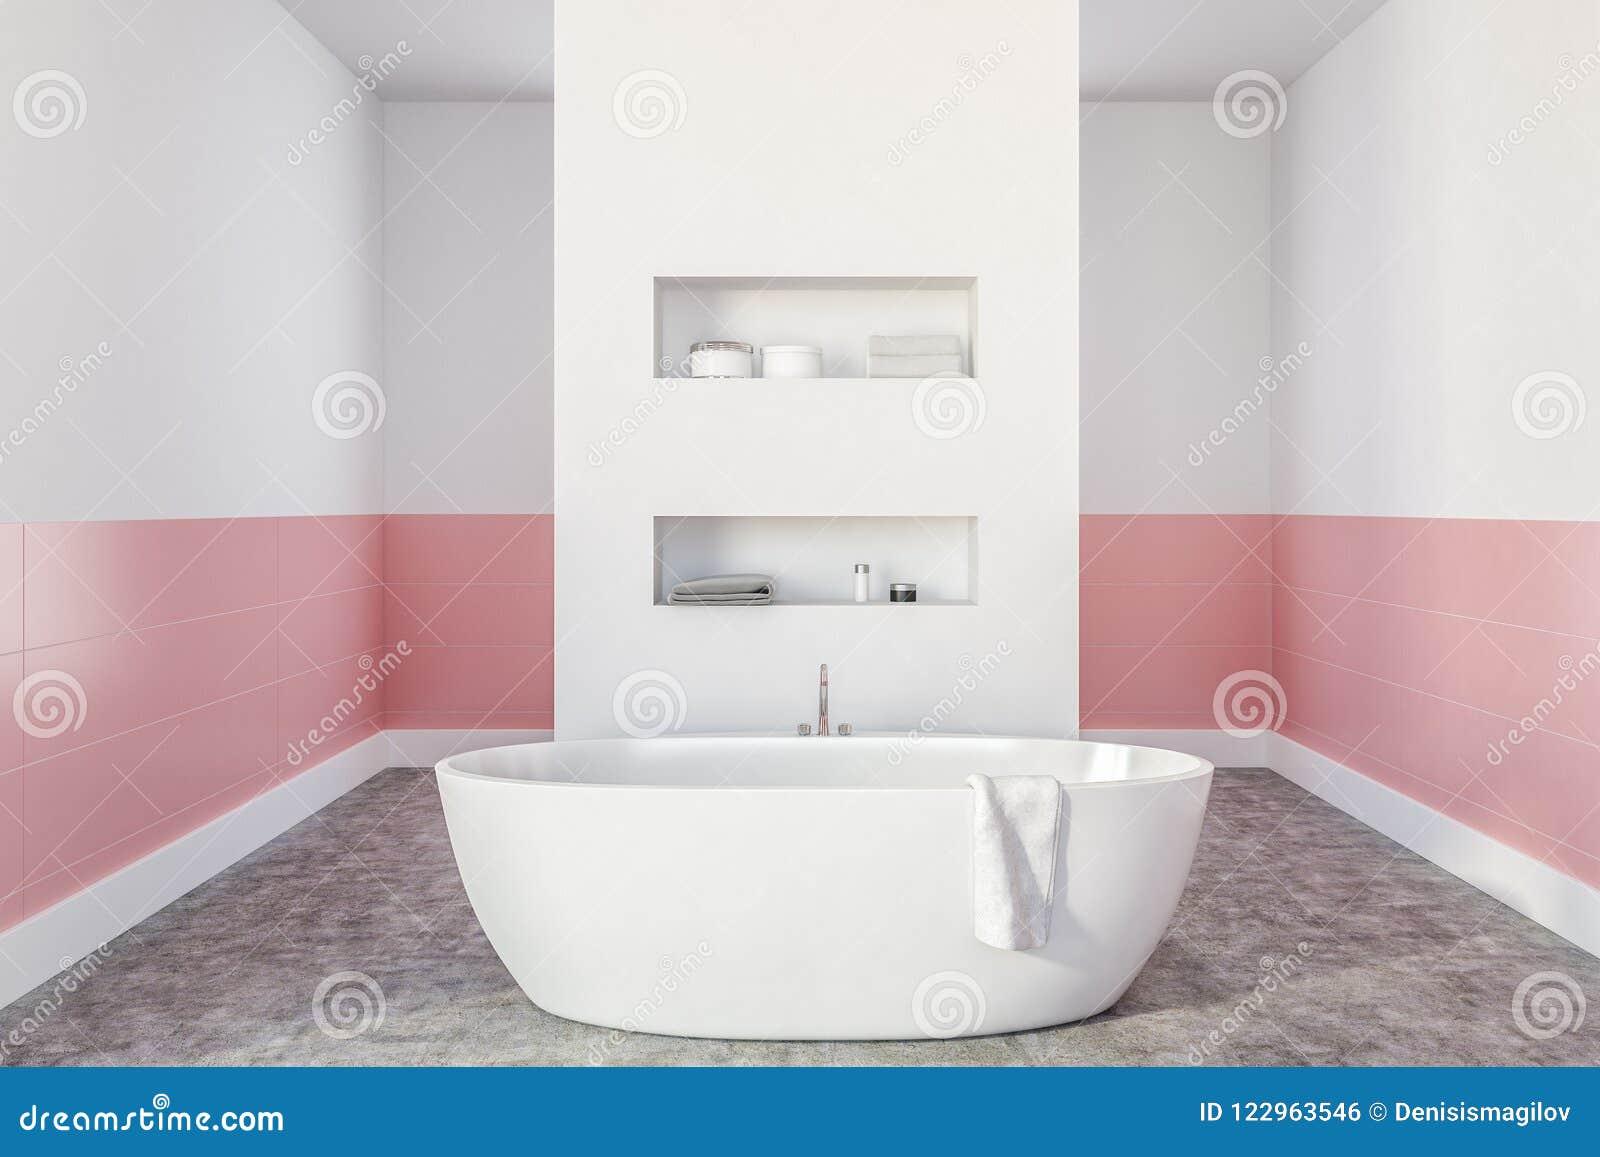 Intérieur Moderne De Salle De Bains Avec Des Murs Blancs Et Roses, Un  Plancher En Béton, Une Baignoire Blanche Et Des étagères Dans Le Mur  Moquerie Du Rendu ...